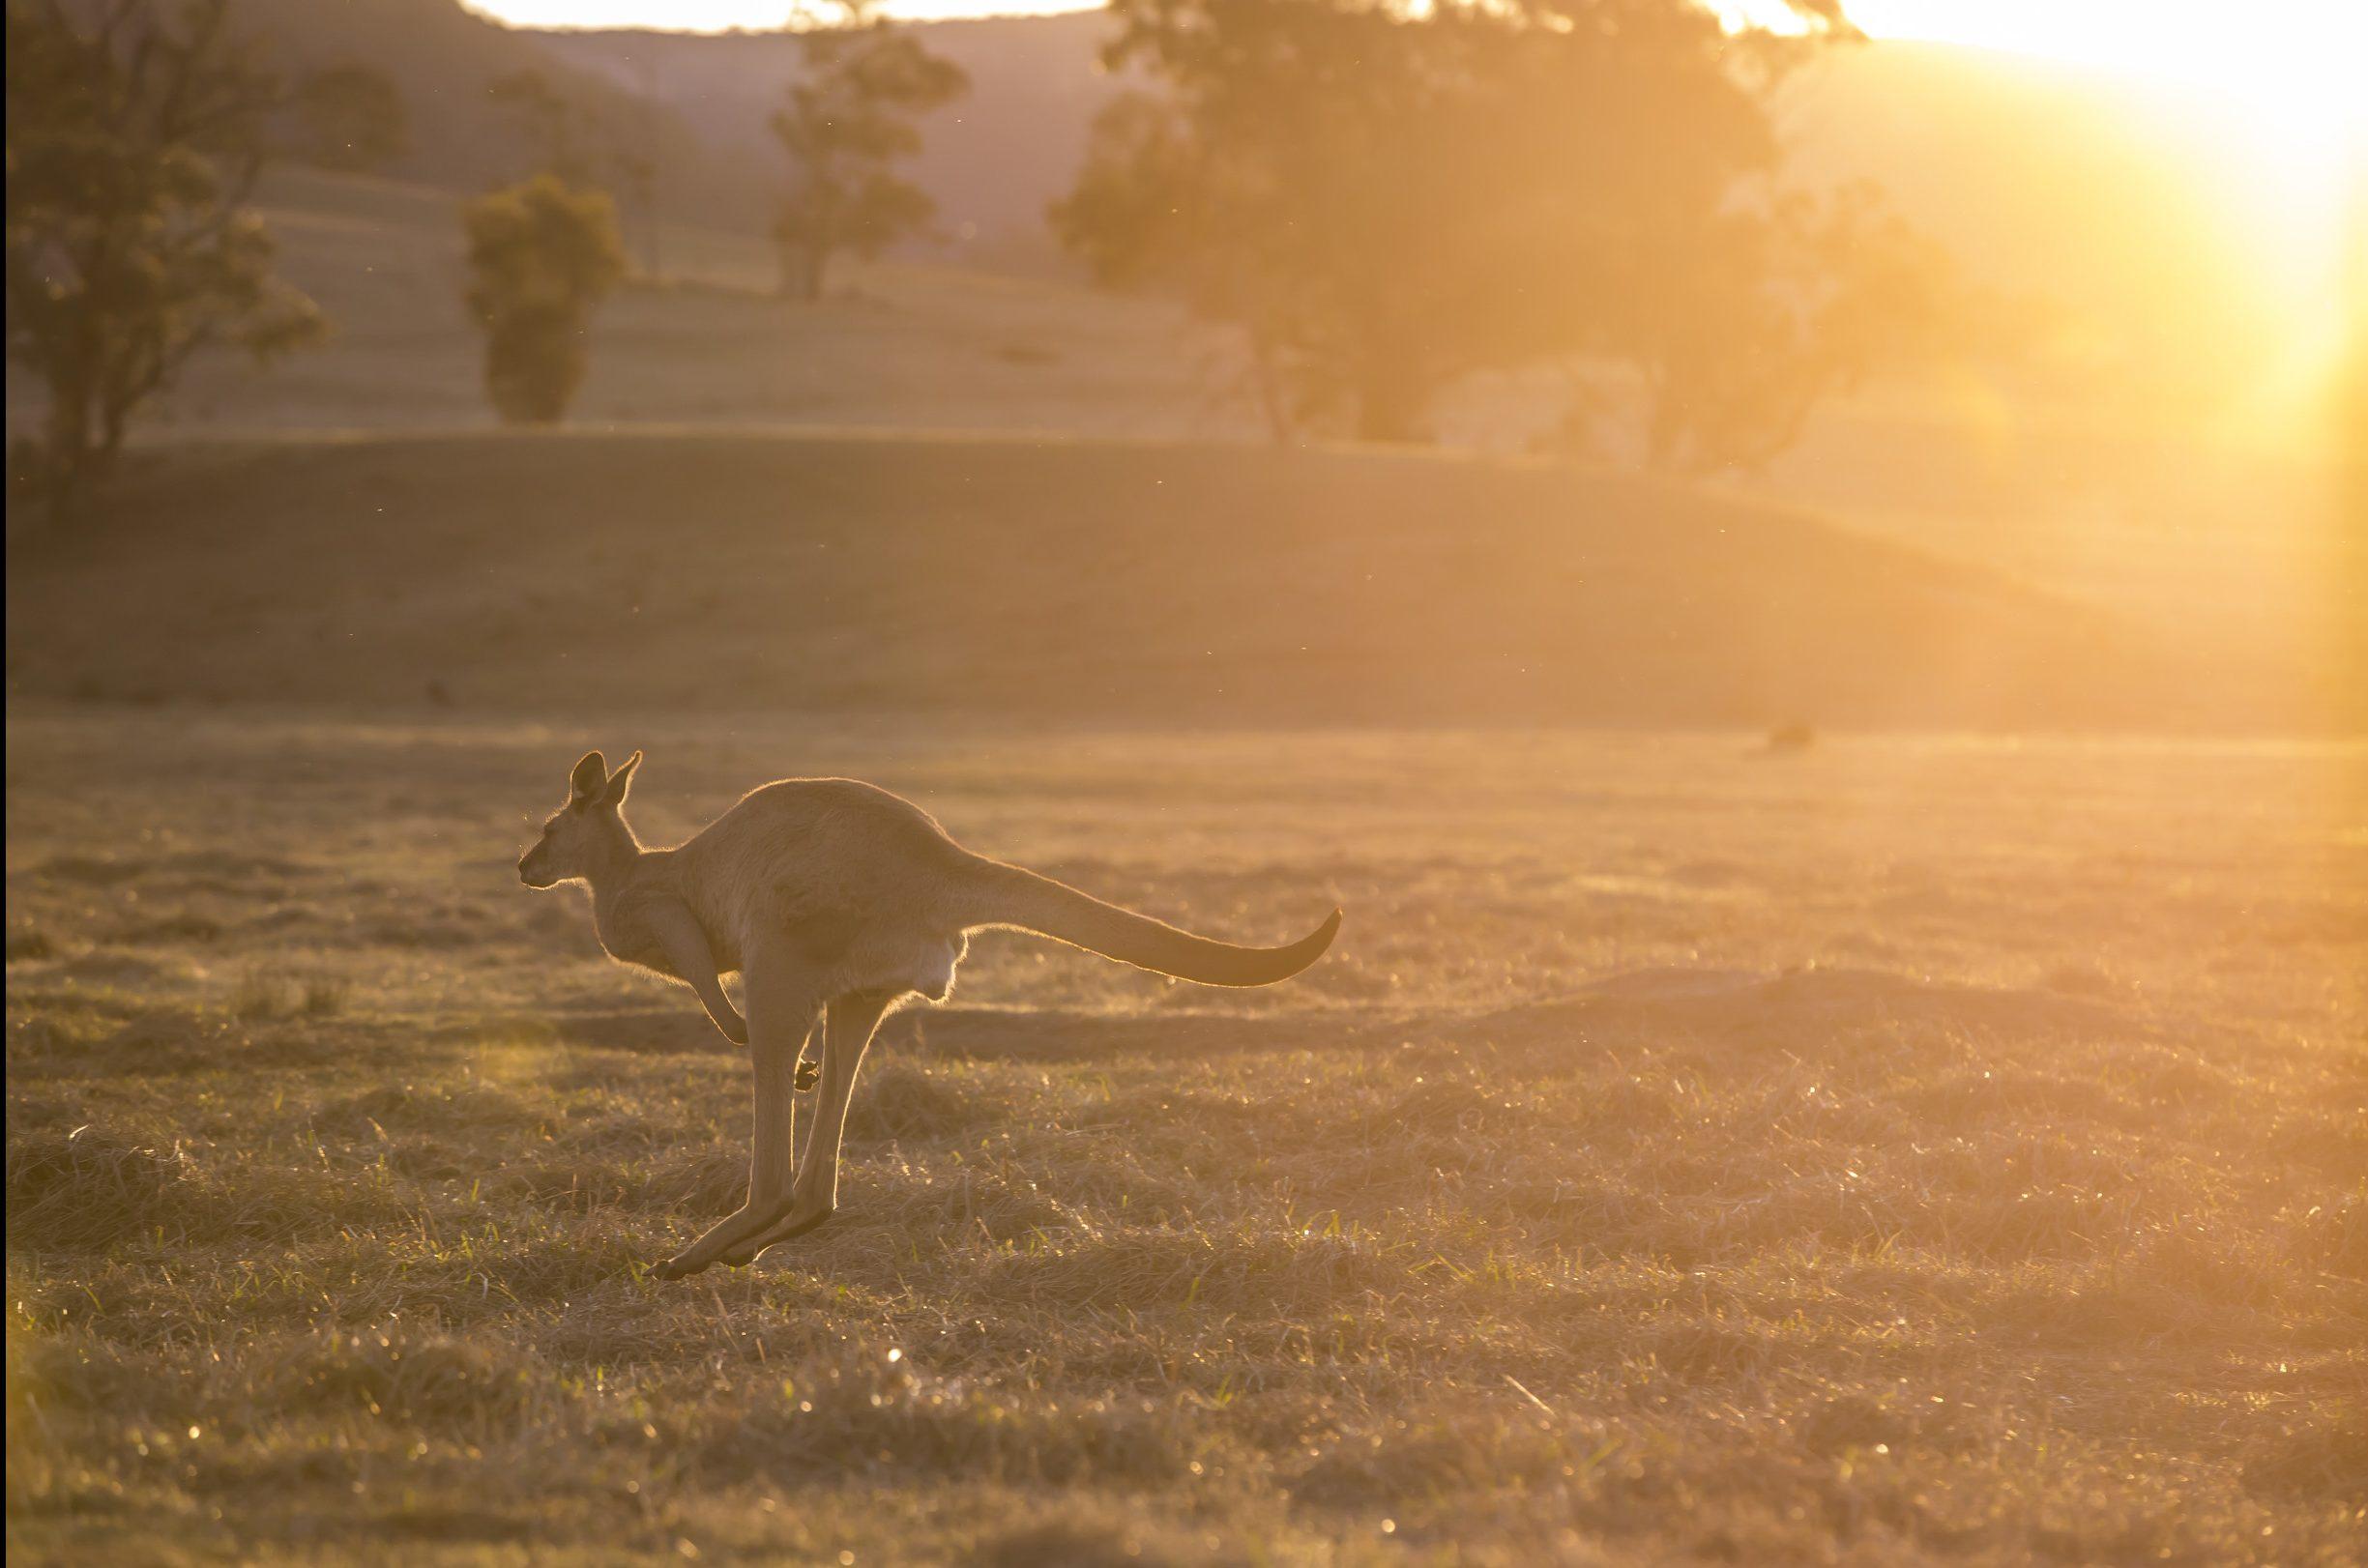 Kangaroo grazing at sunset at Emirates One&Only Wolgan Valley, Blue Mountains.